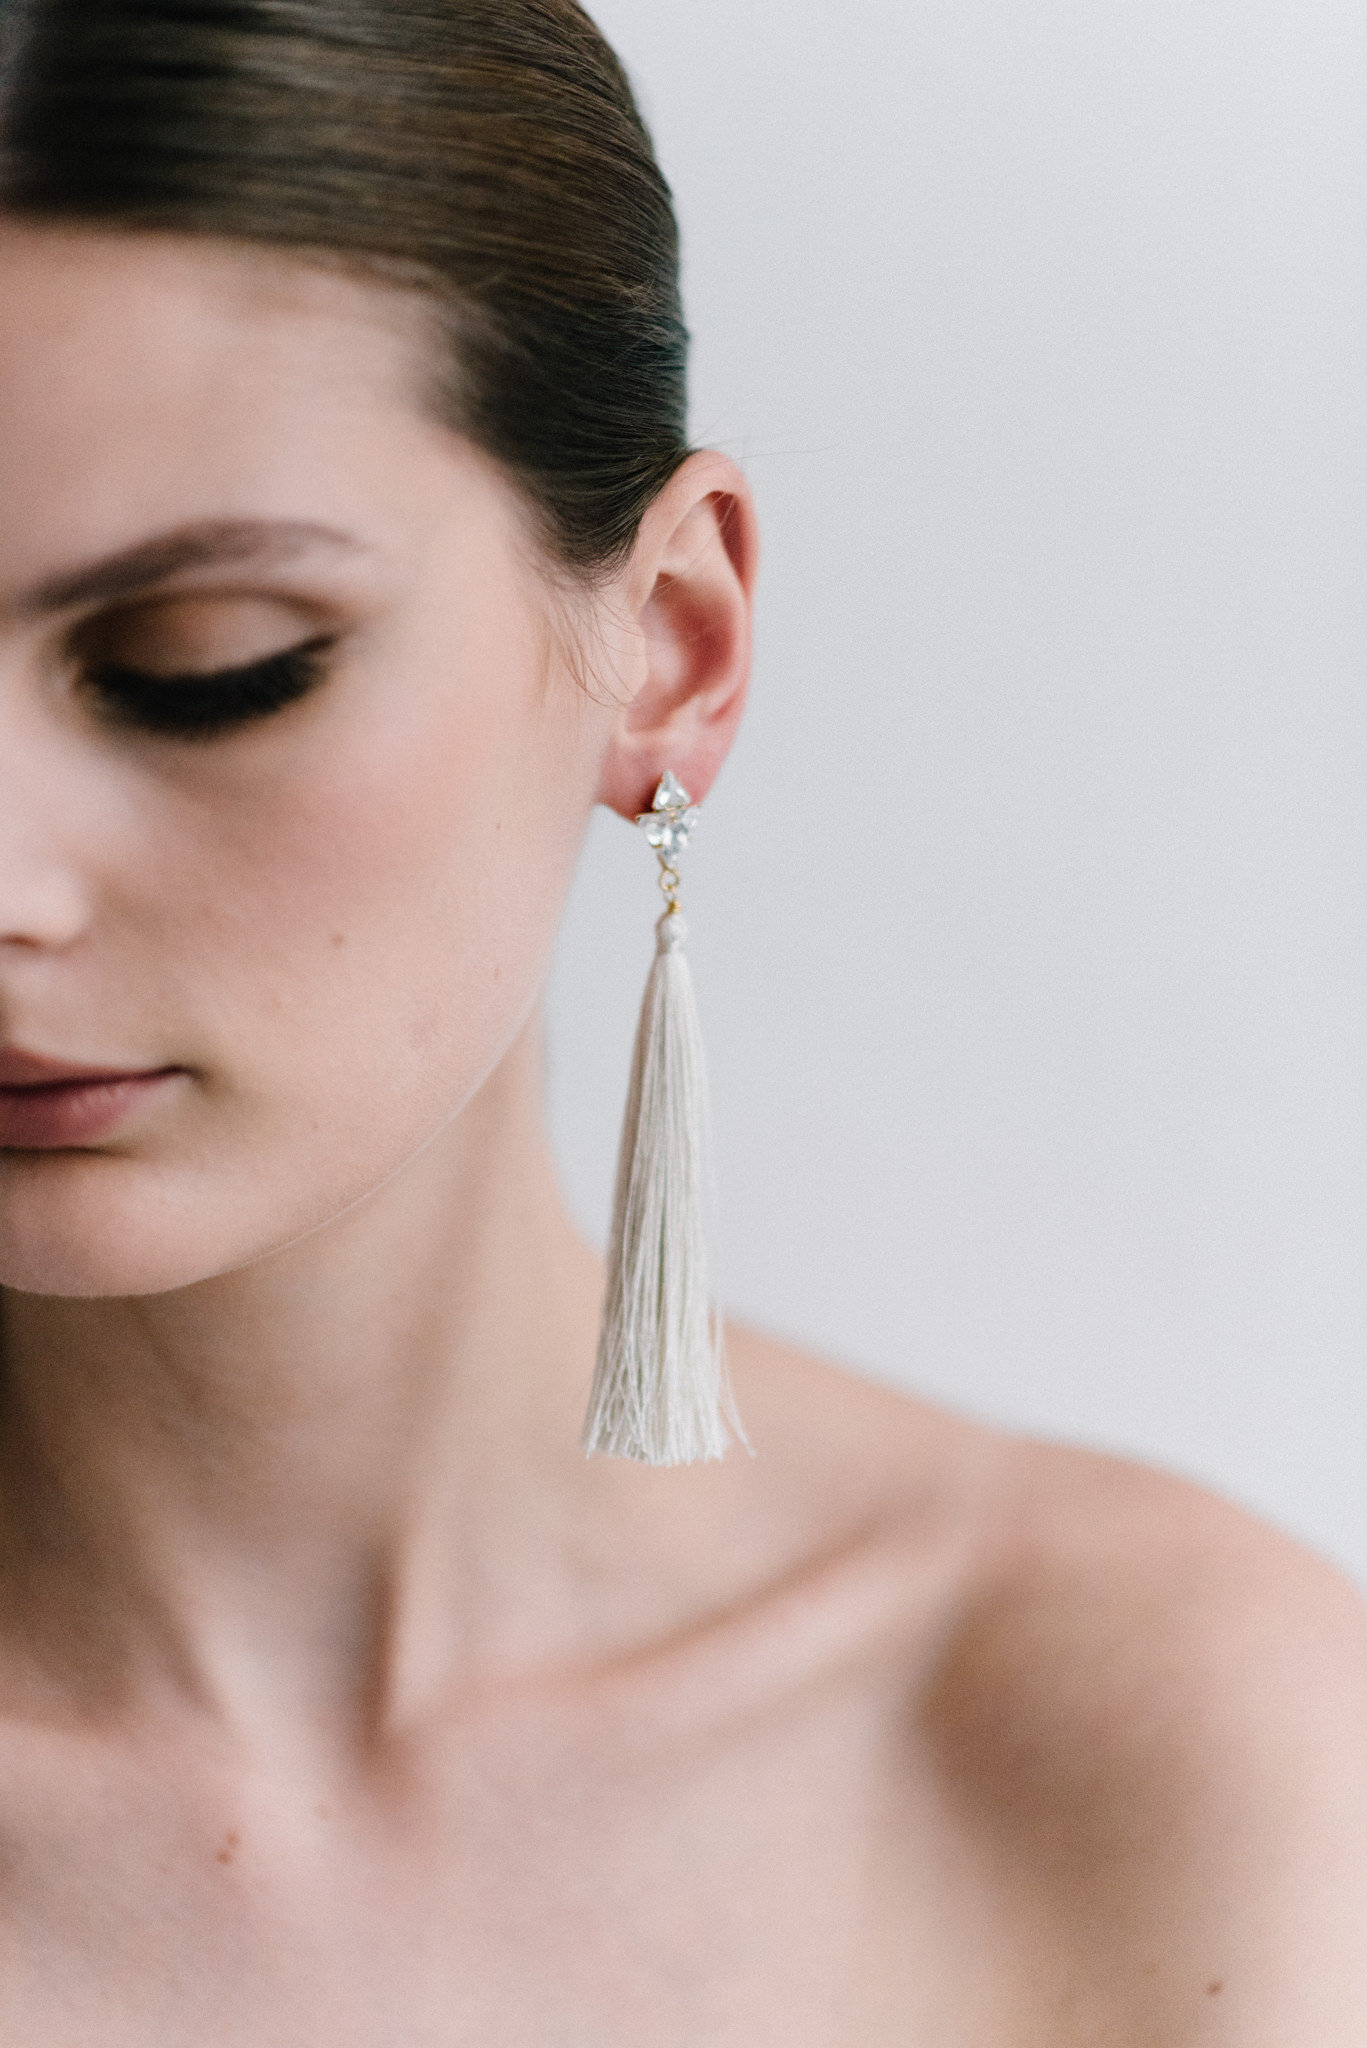 parisian-inspired-blog-mariagemaisonsabben-accessoires-mariee-boucles-oreilles-origine-1.jpg